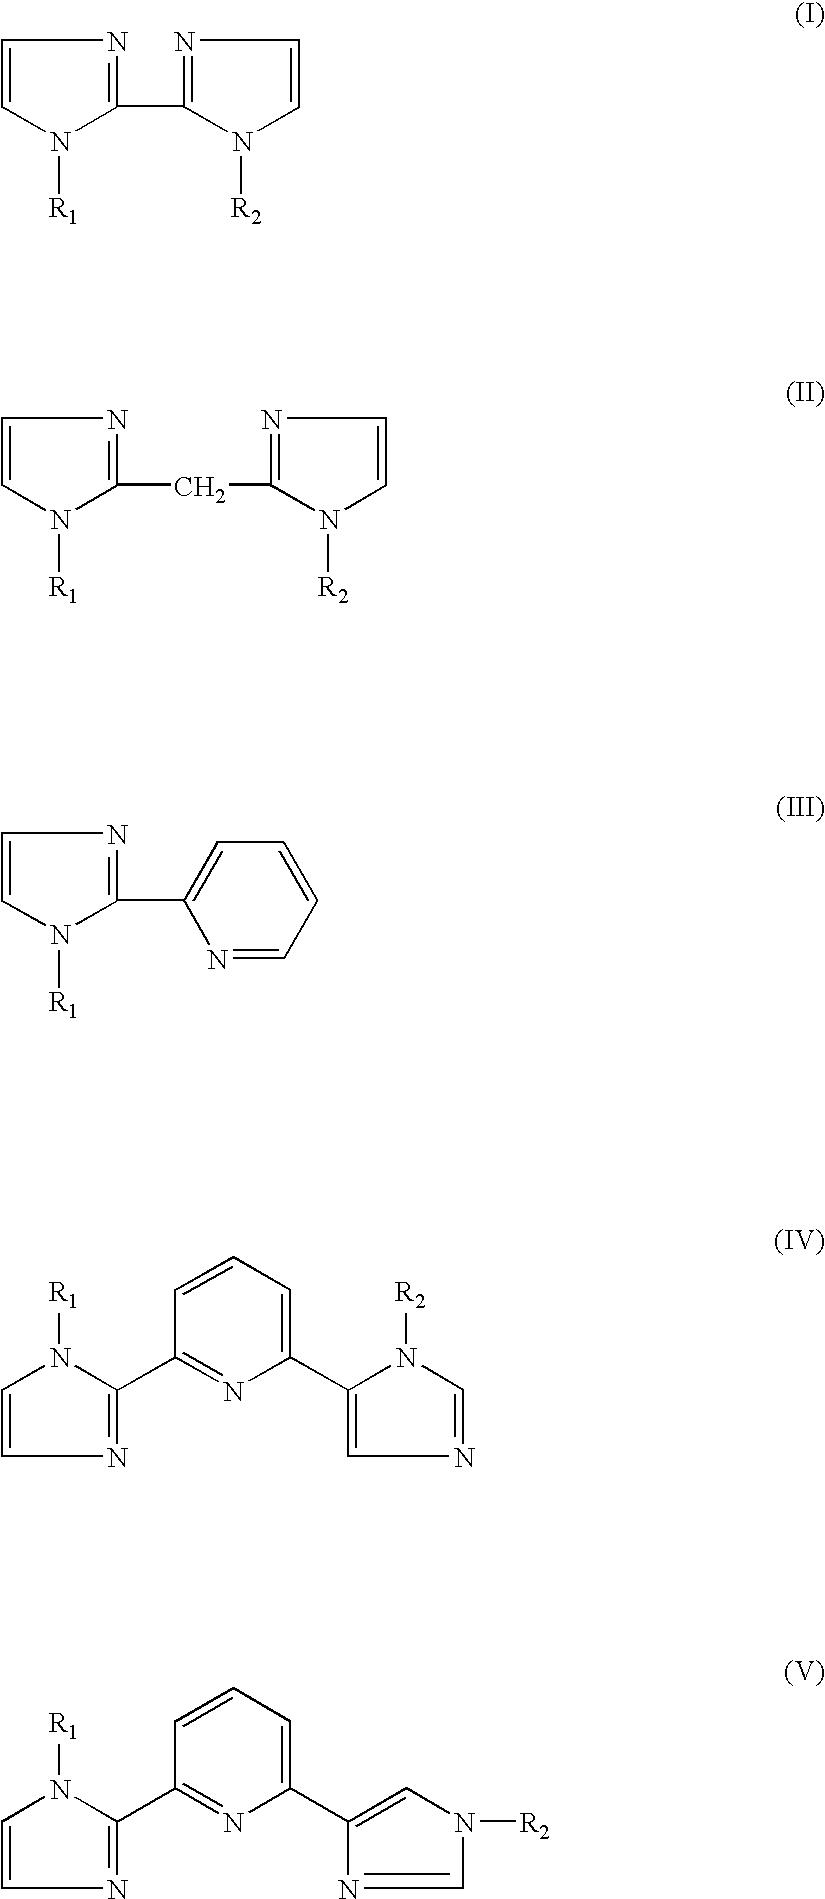 Figure US20060025662A1-20060202-C00001